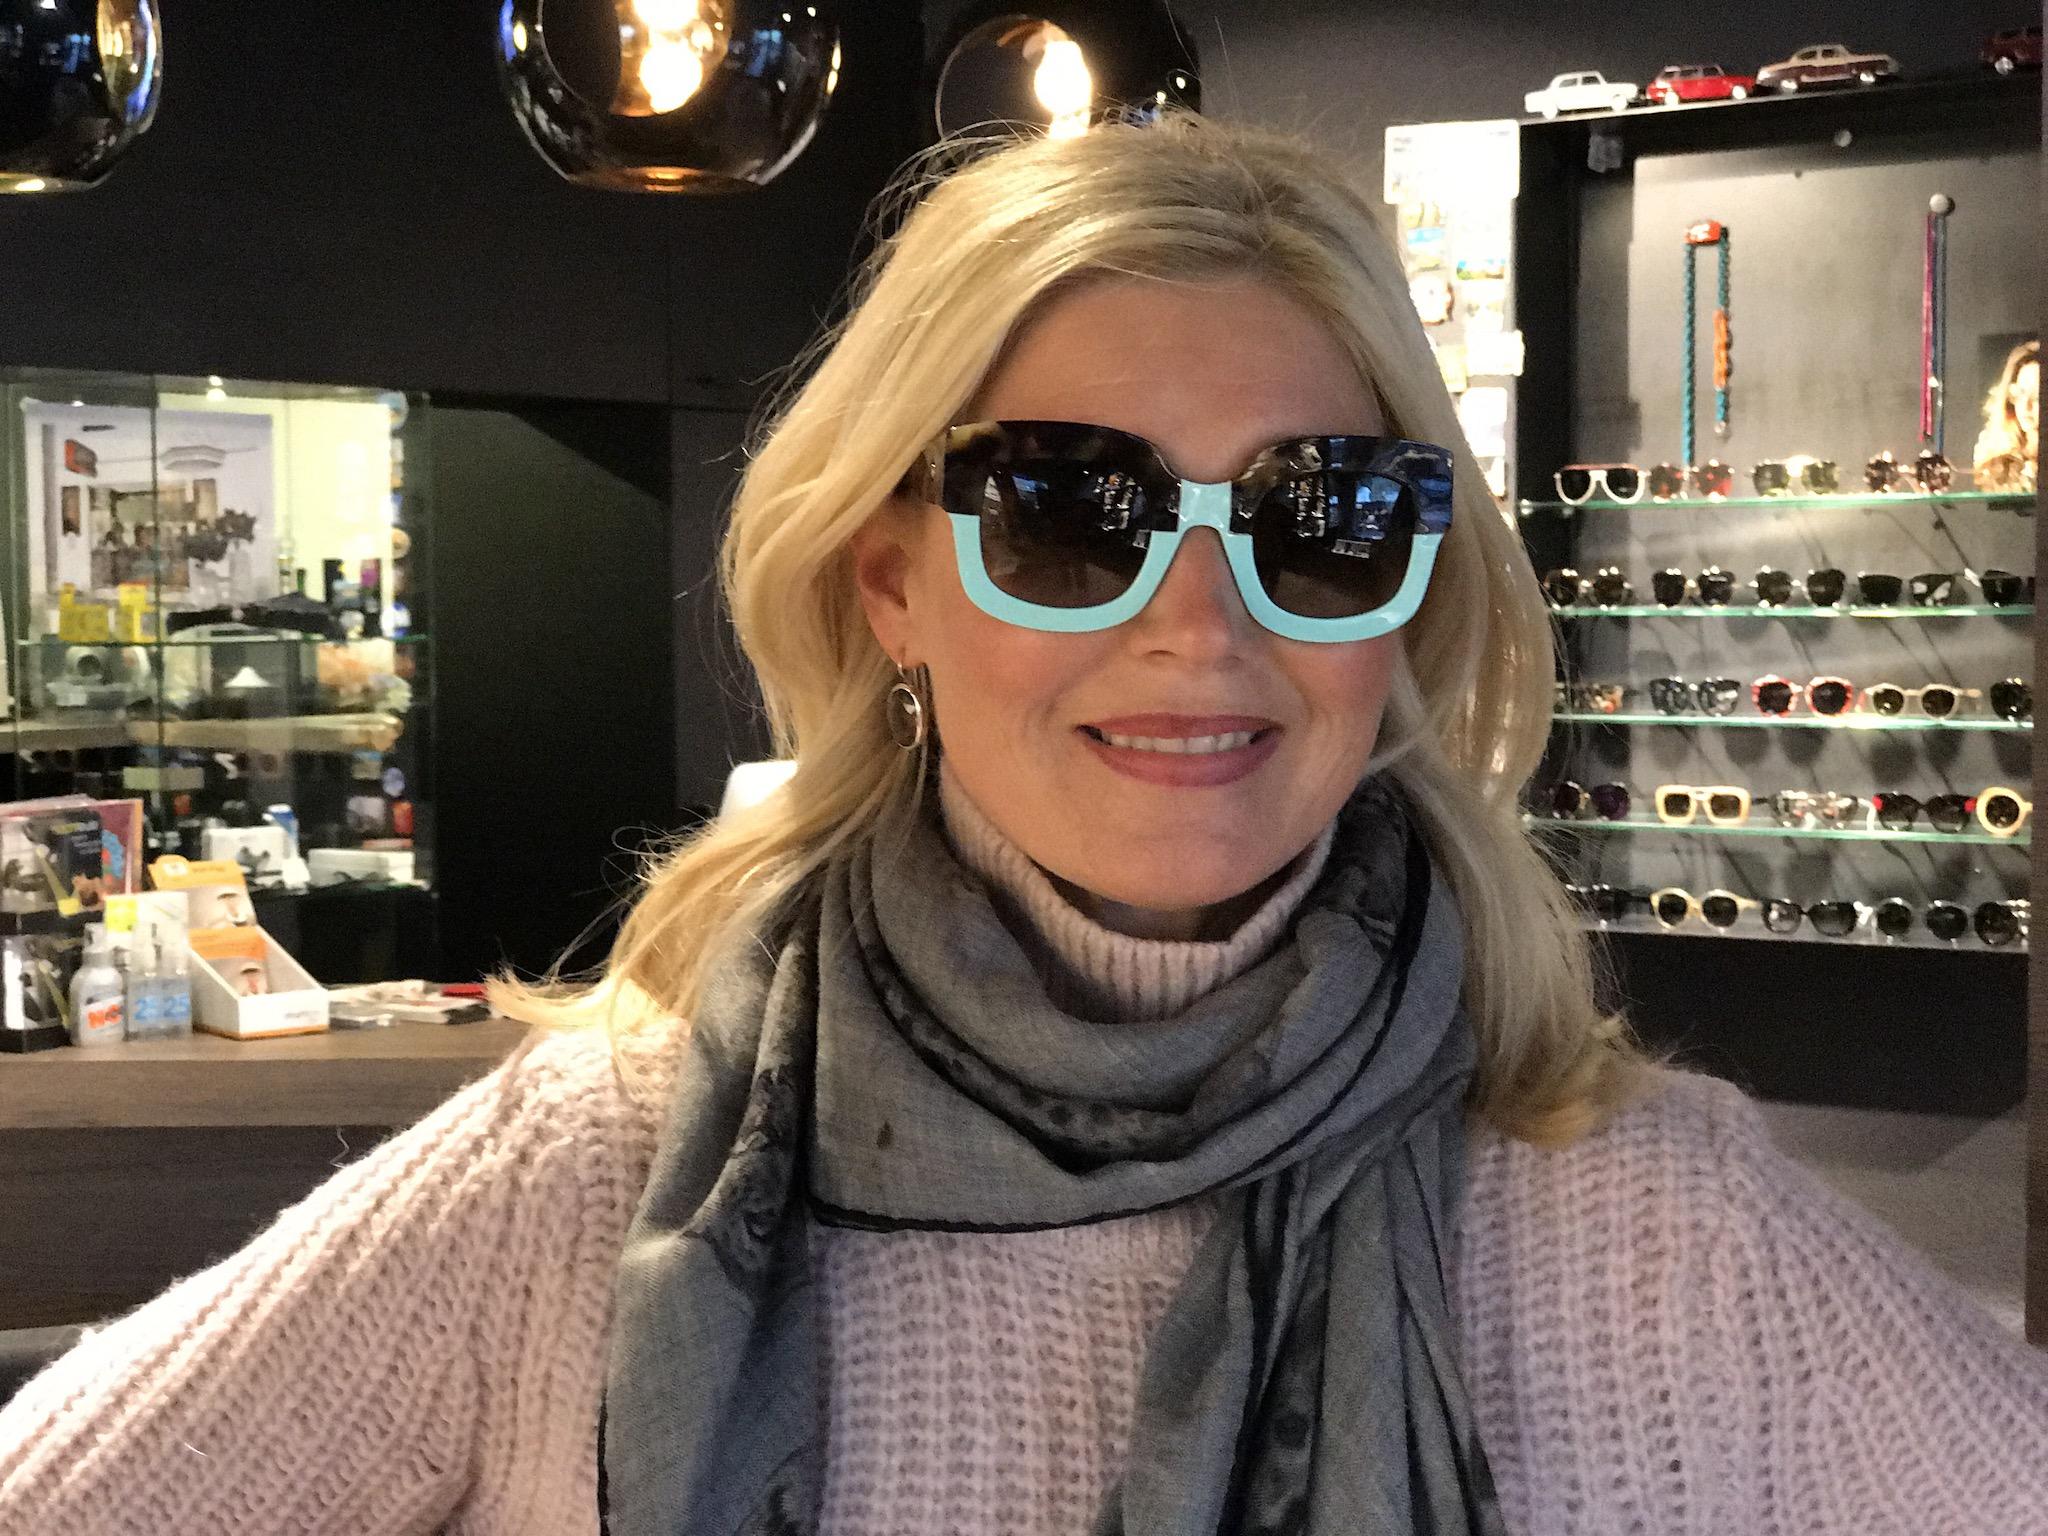 Optik Scharnagl Sölden, Optiker Sölden, außergewöhnliche Sonnenbrillen, coole Sonnebrillen, hippe Sonnenbrillen, Fashion-Blog, Lieblingsstil.com